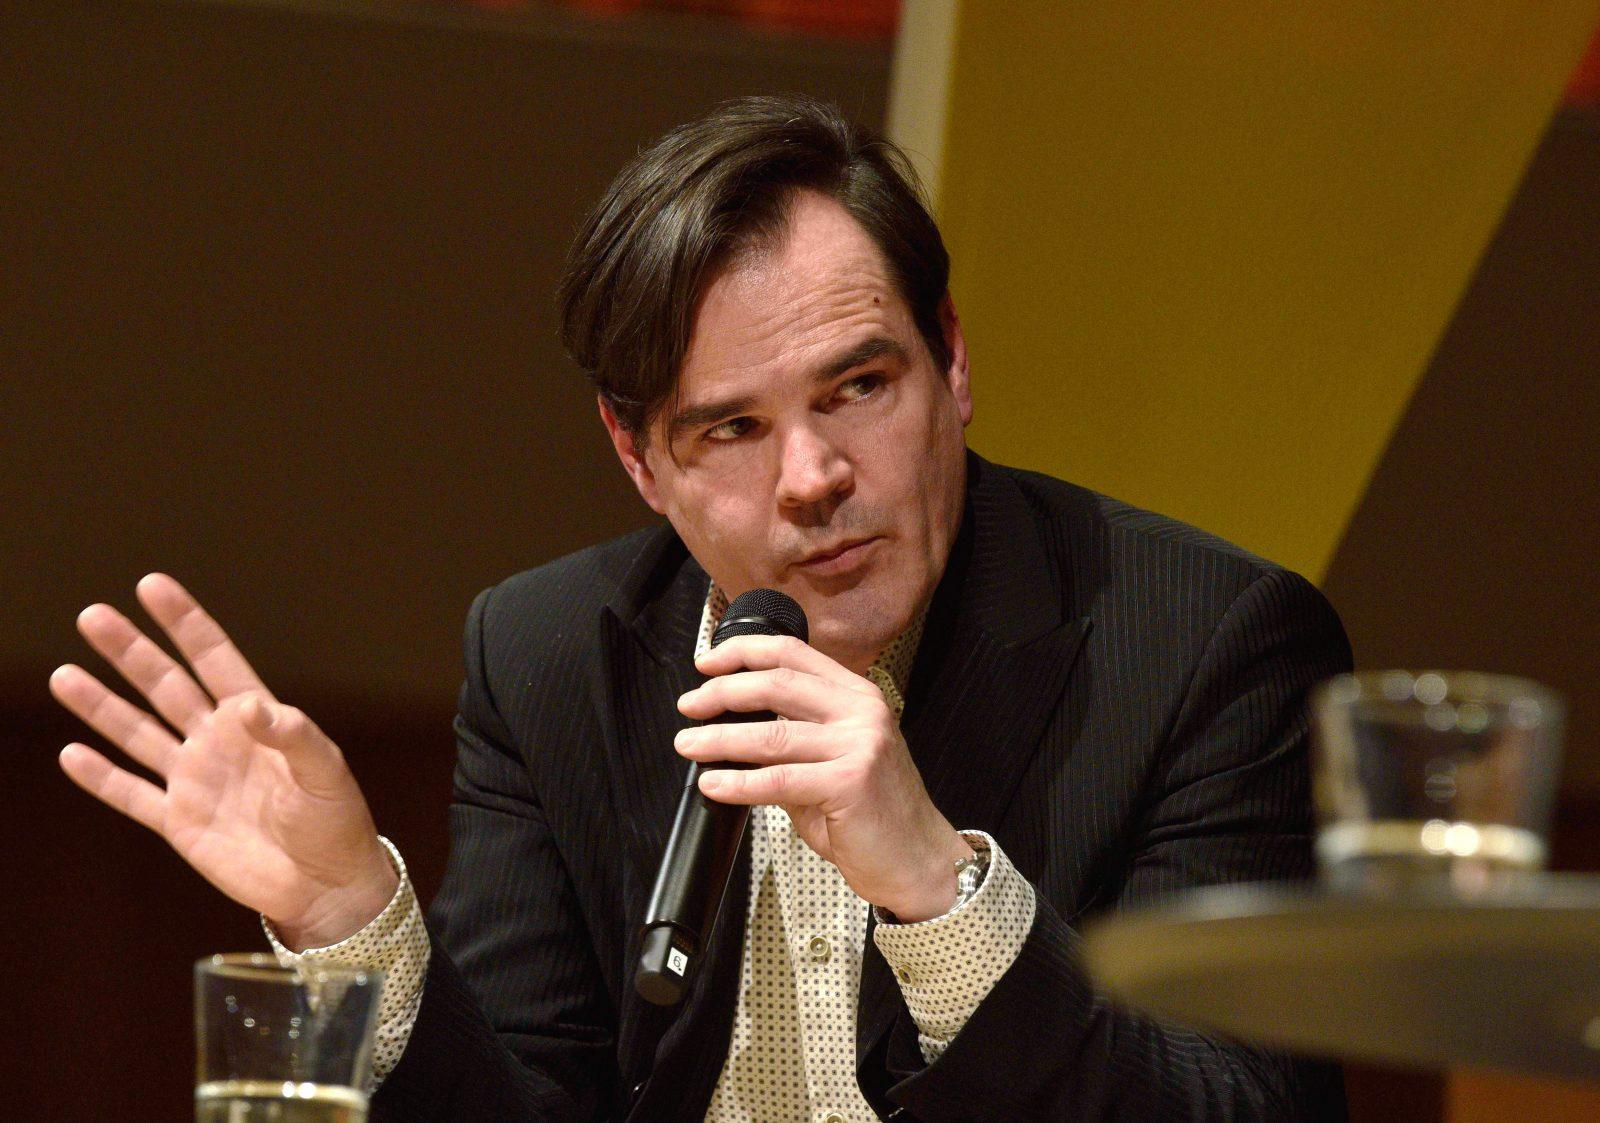 Uwe Tellkamp